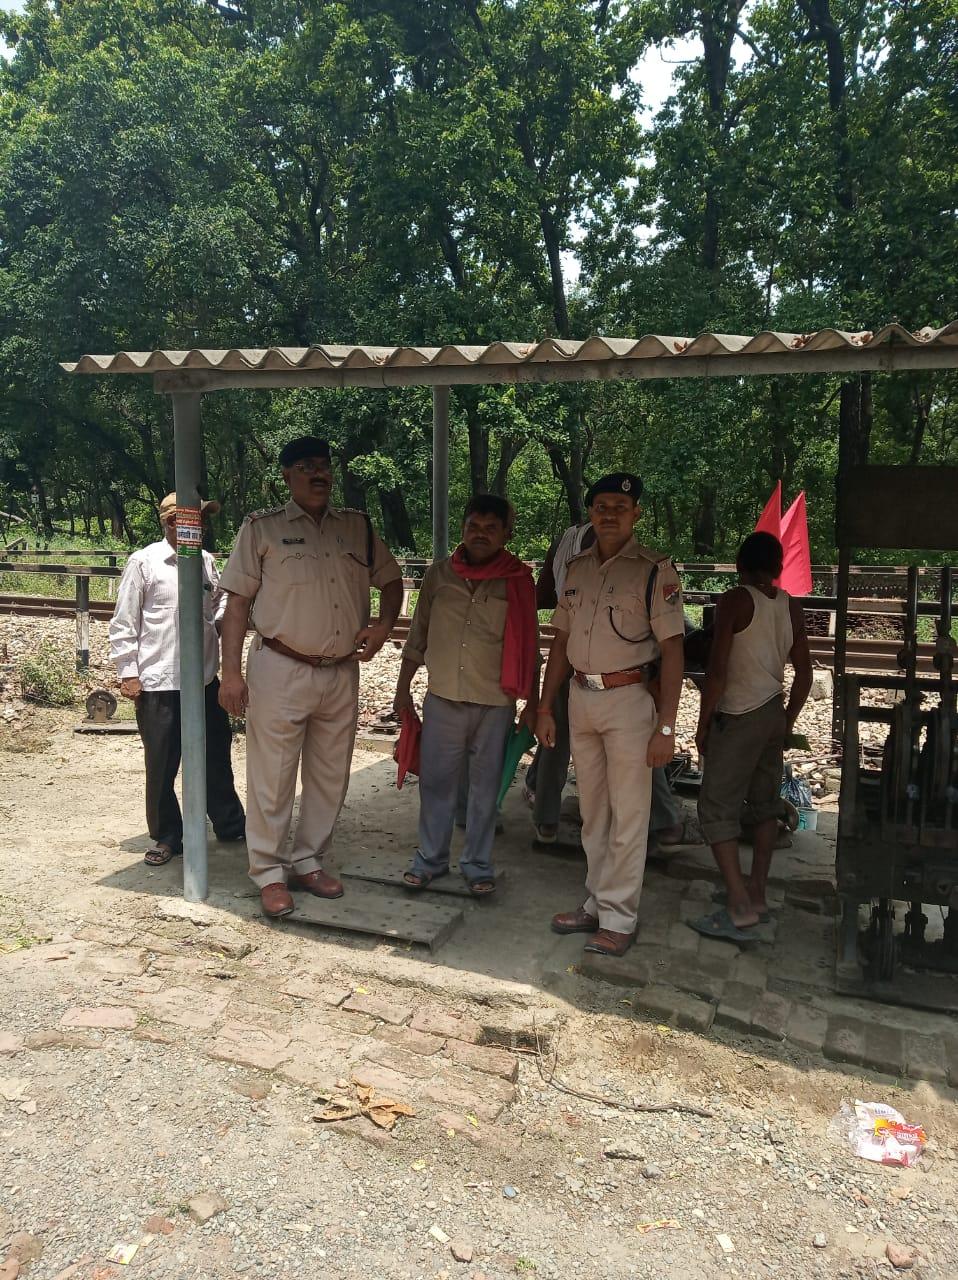 रेलवे सुरक्षा बल ने चलाया सफाई जागरूकता अभियान